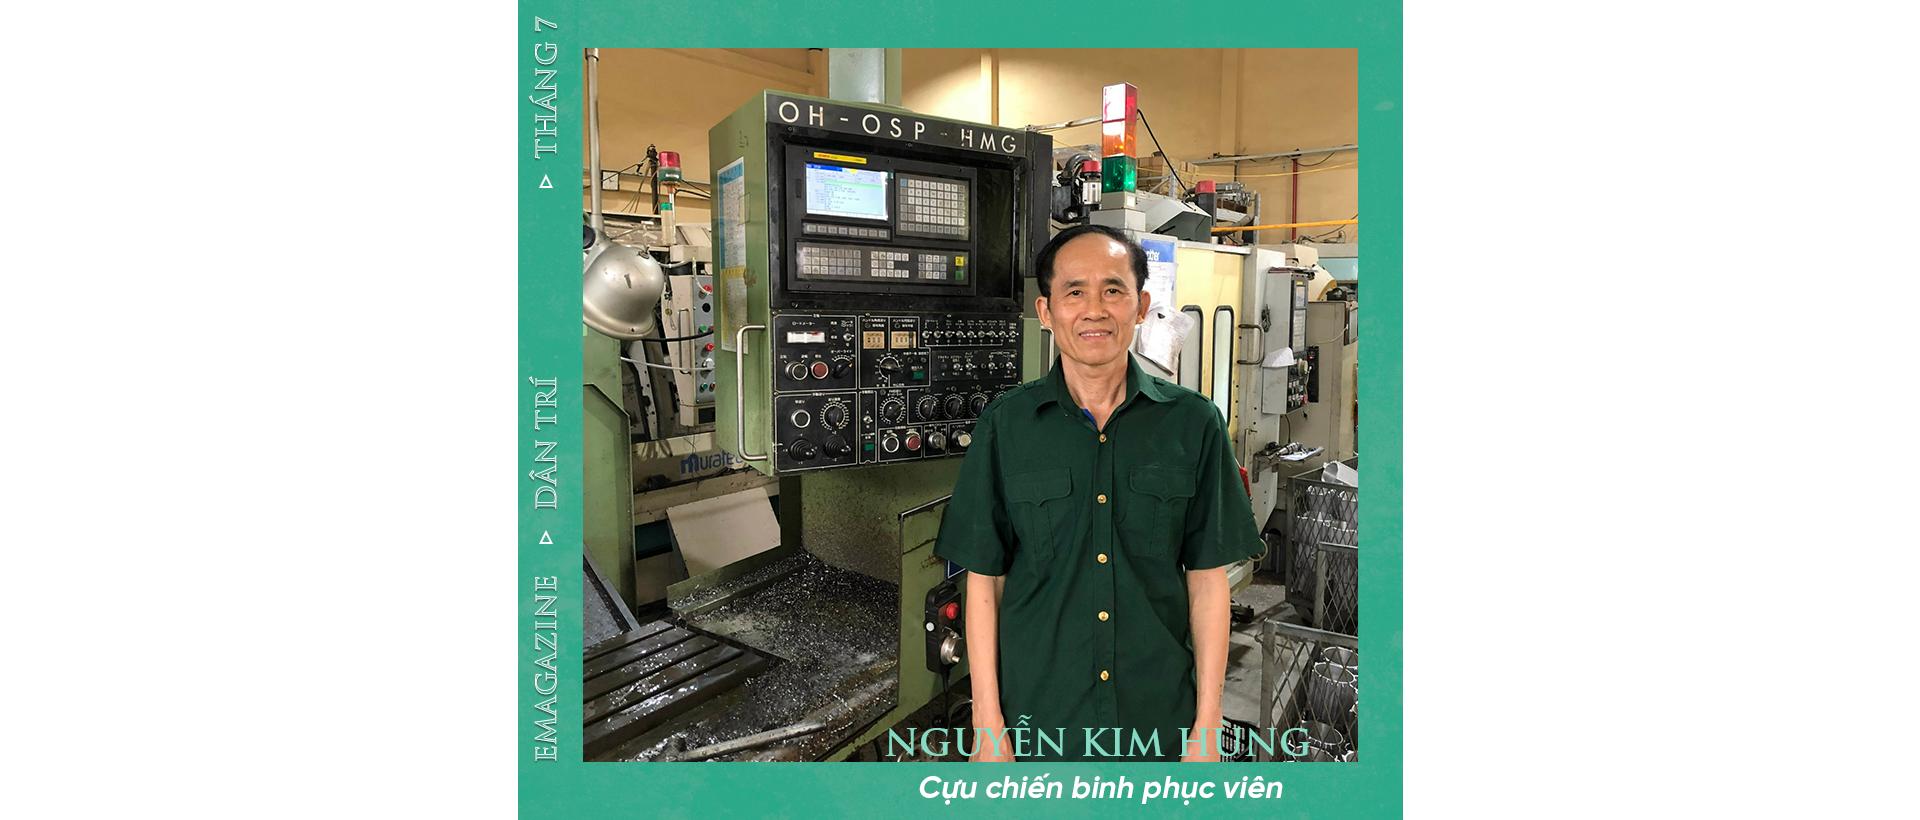 Gặp cựu chiến binh ở Bắc Ninh là nhà sáng chế của nông dân - 1